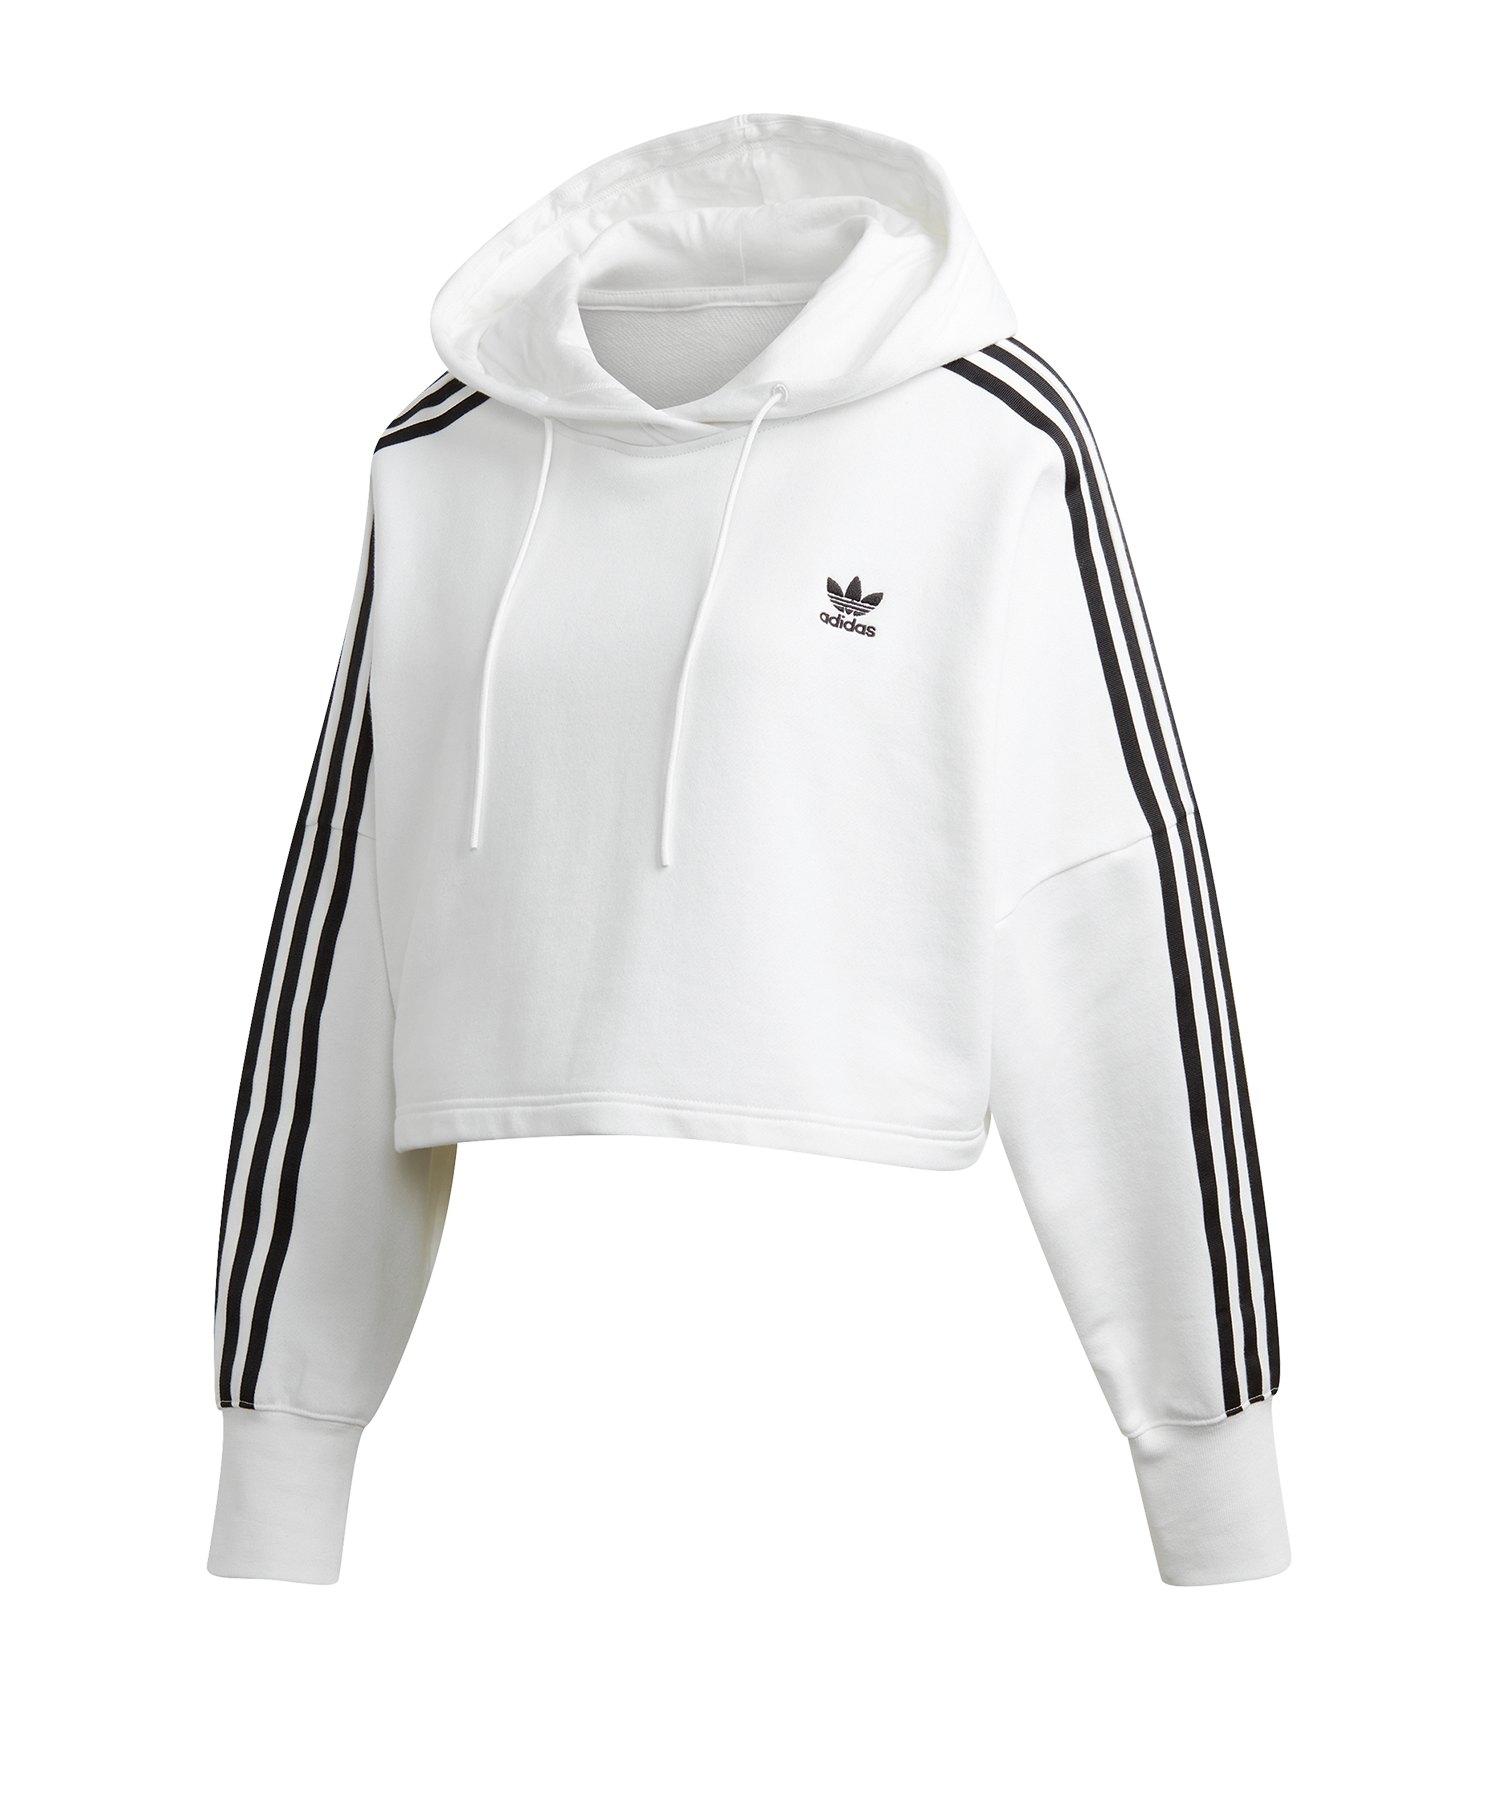 adidas Originals Cropped Hoody Damen Weiss